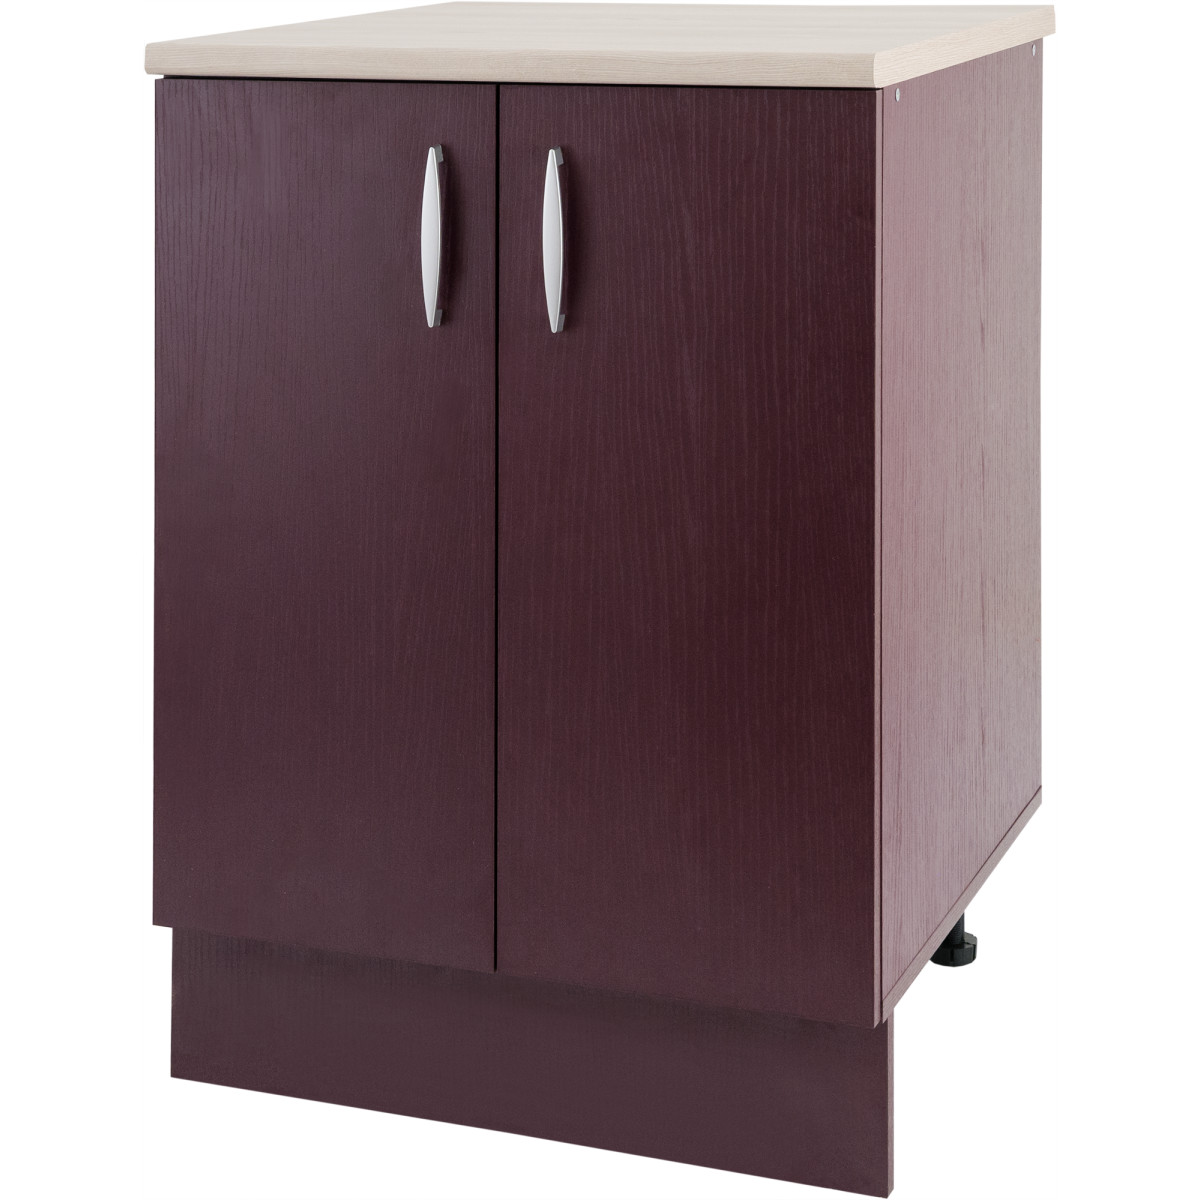 Шкаф напольный Бургун 60x85.2х60 см ЛДСП цвет бургун